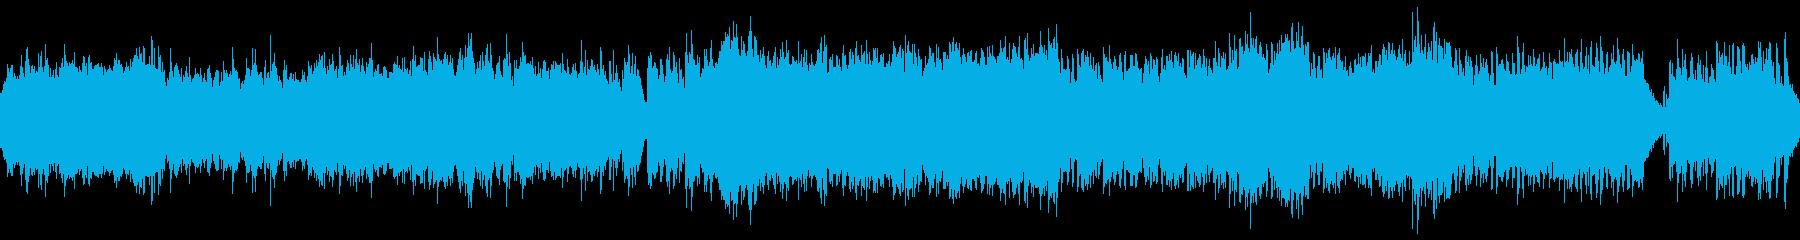 わくわく楽しいハロウィン(Loop仕様)の再生済みの波形